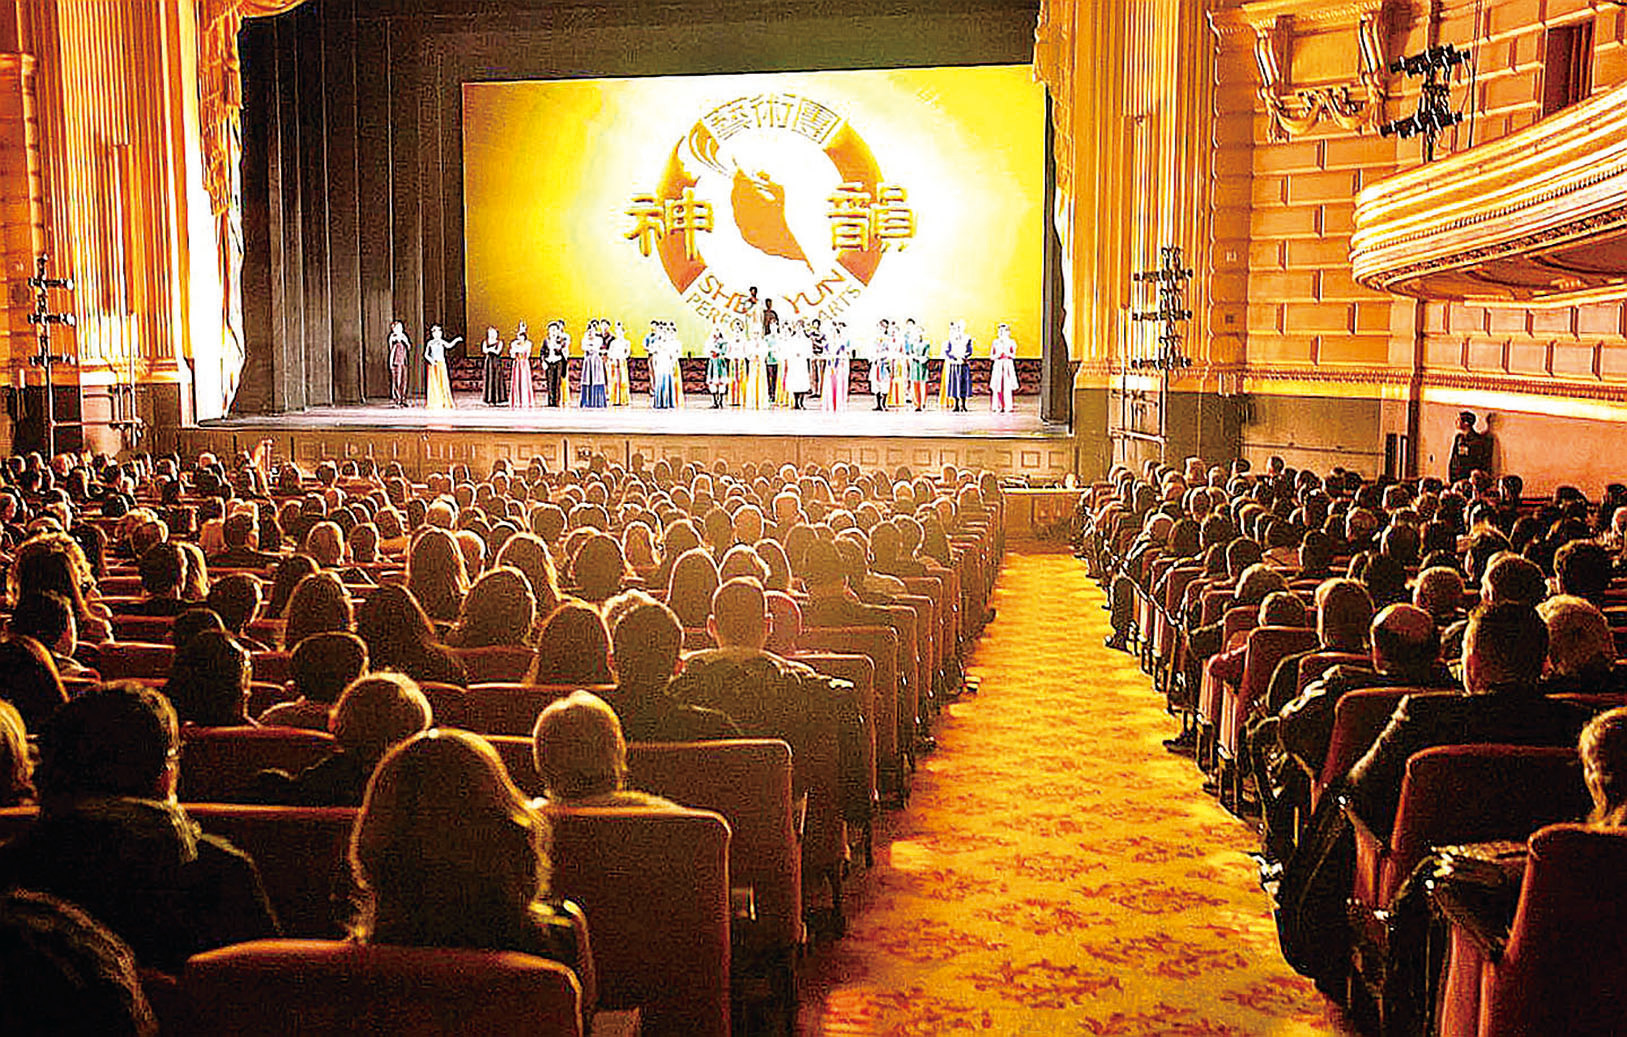 神韻紐約藝術團在舊金山歌劇院的演出持續爆滿。(周元融/大紀元)